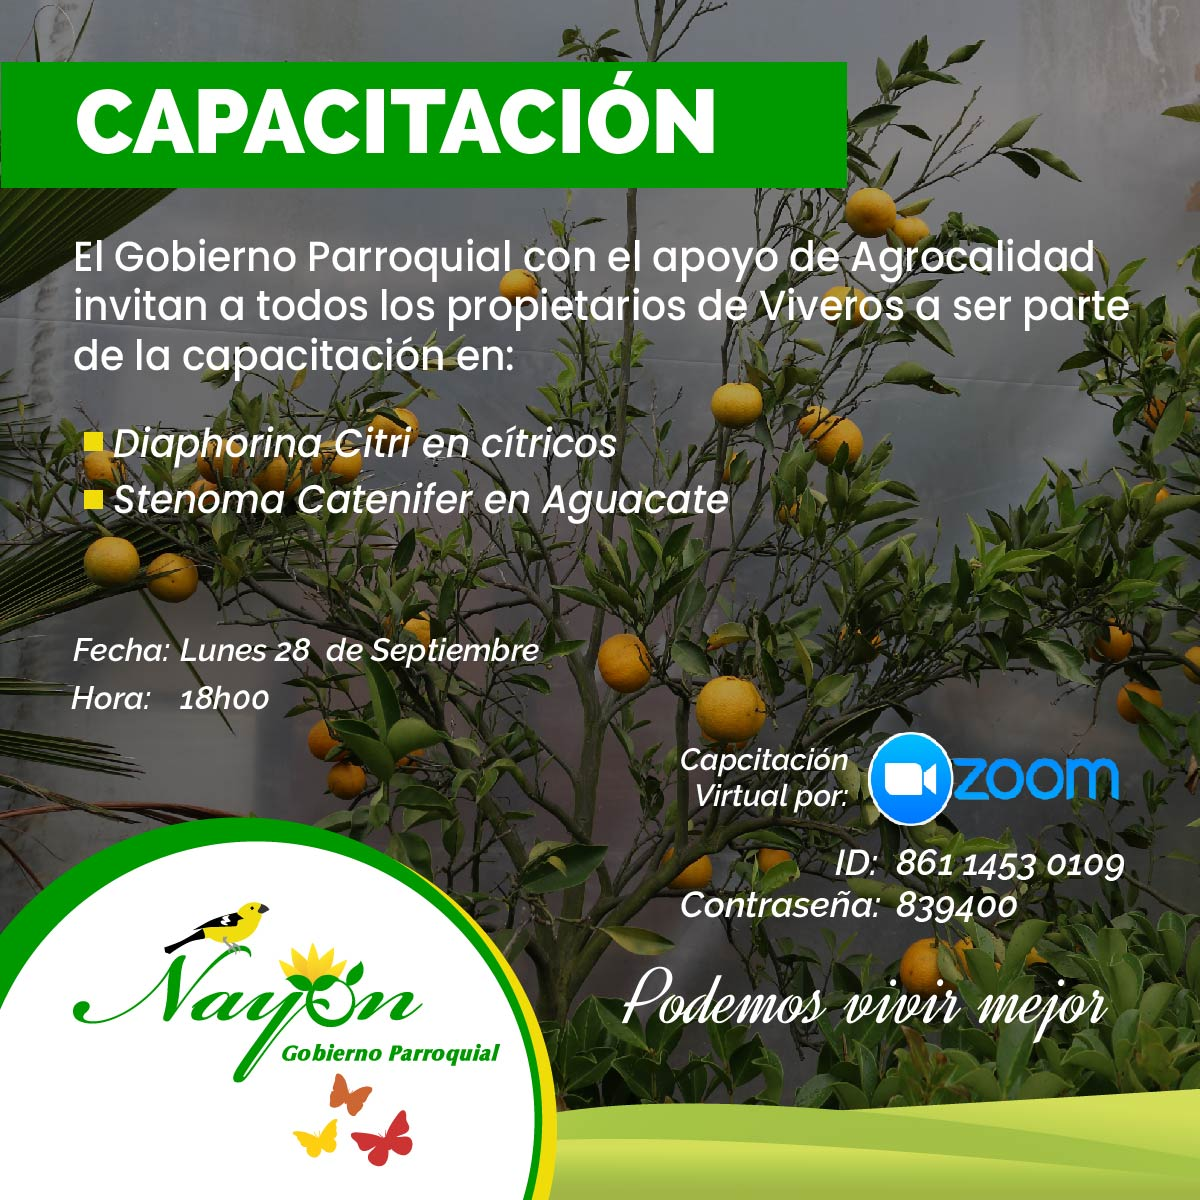 Capacitación Agrocalidad